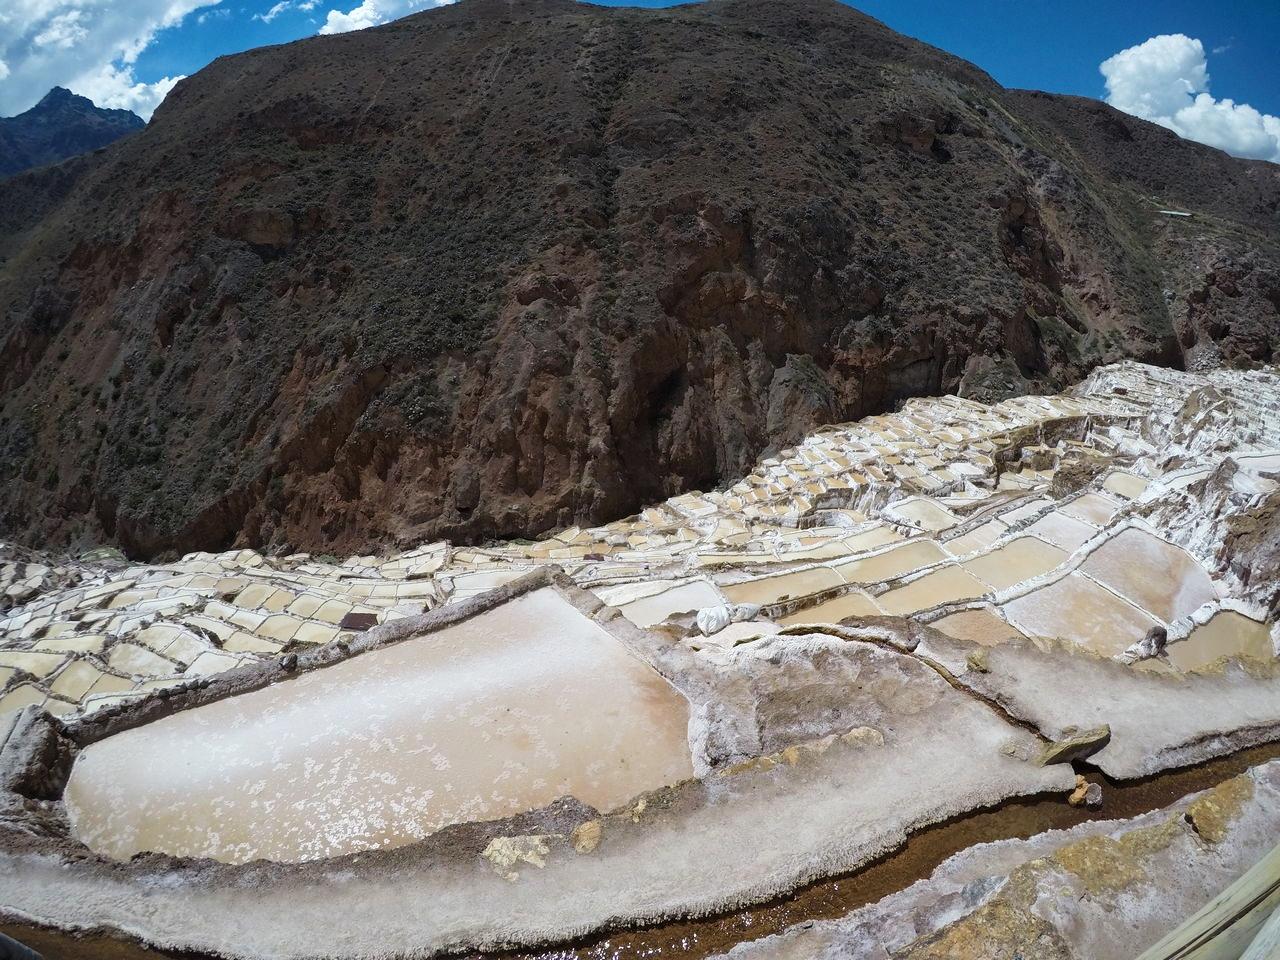 Cuzco en 3 días y alrededores: salineras de Maras